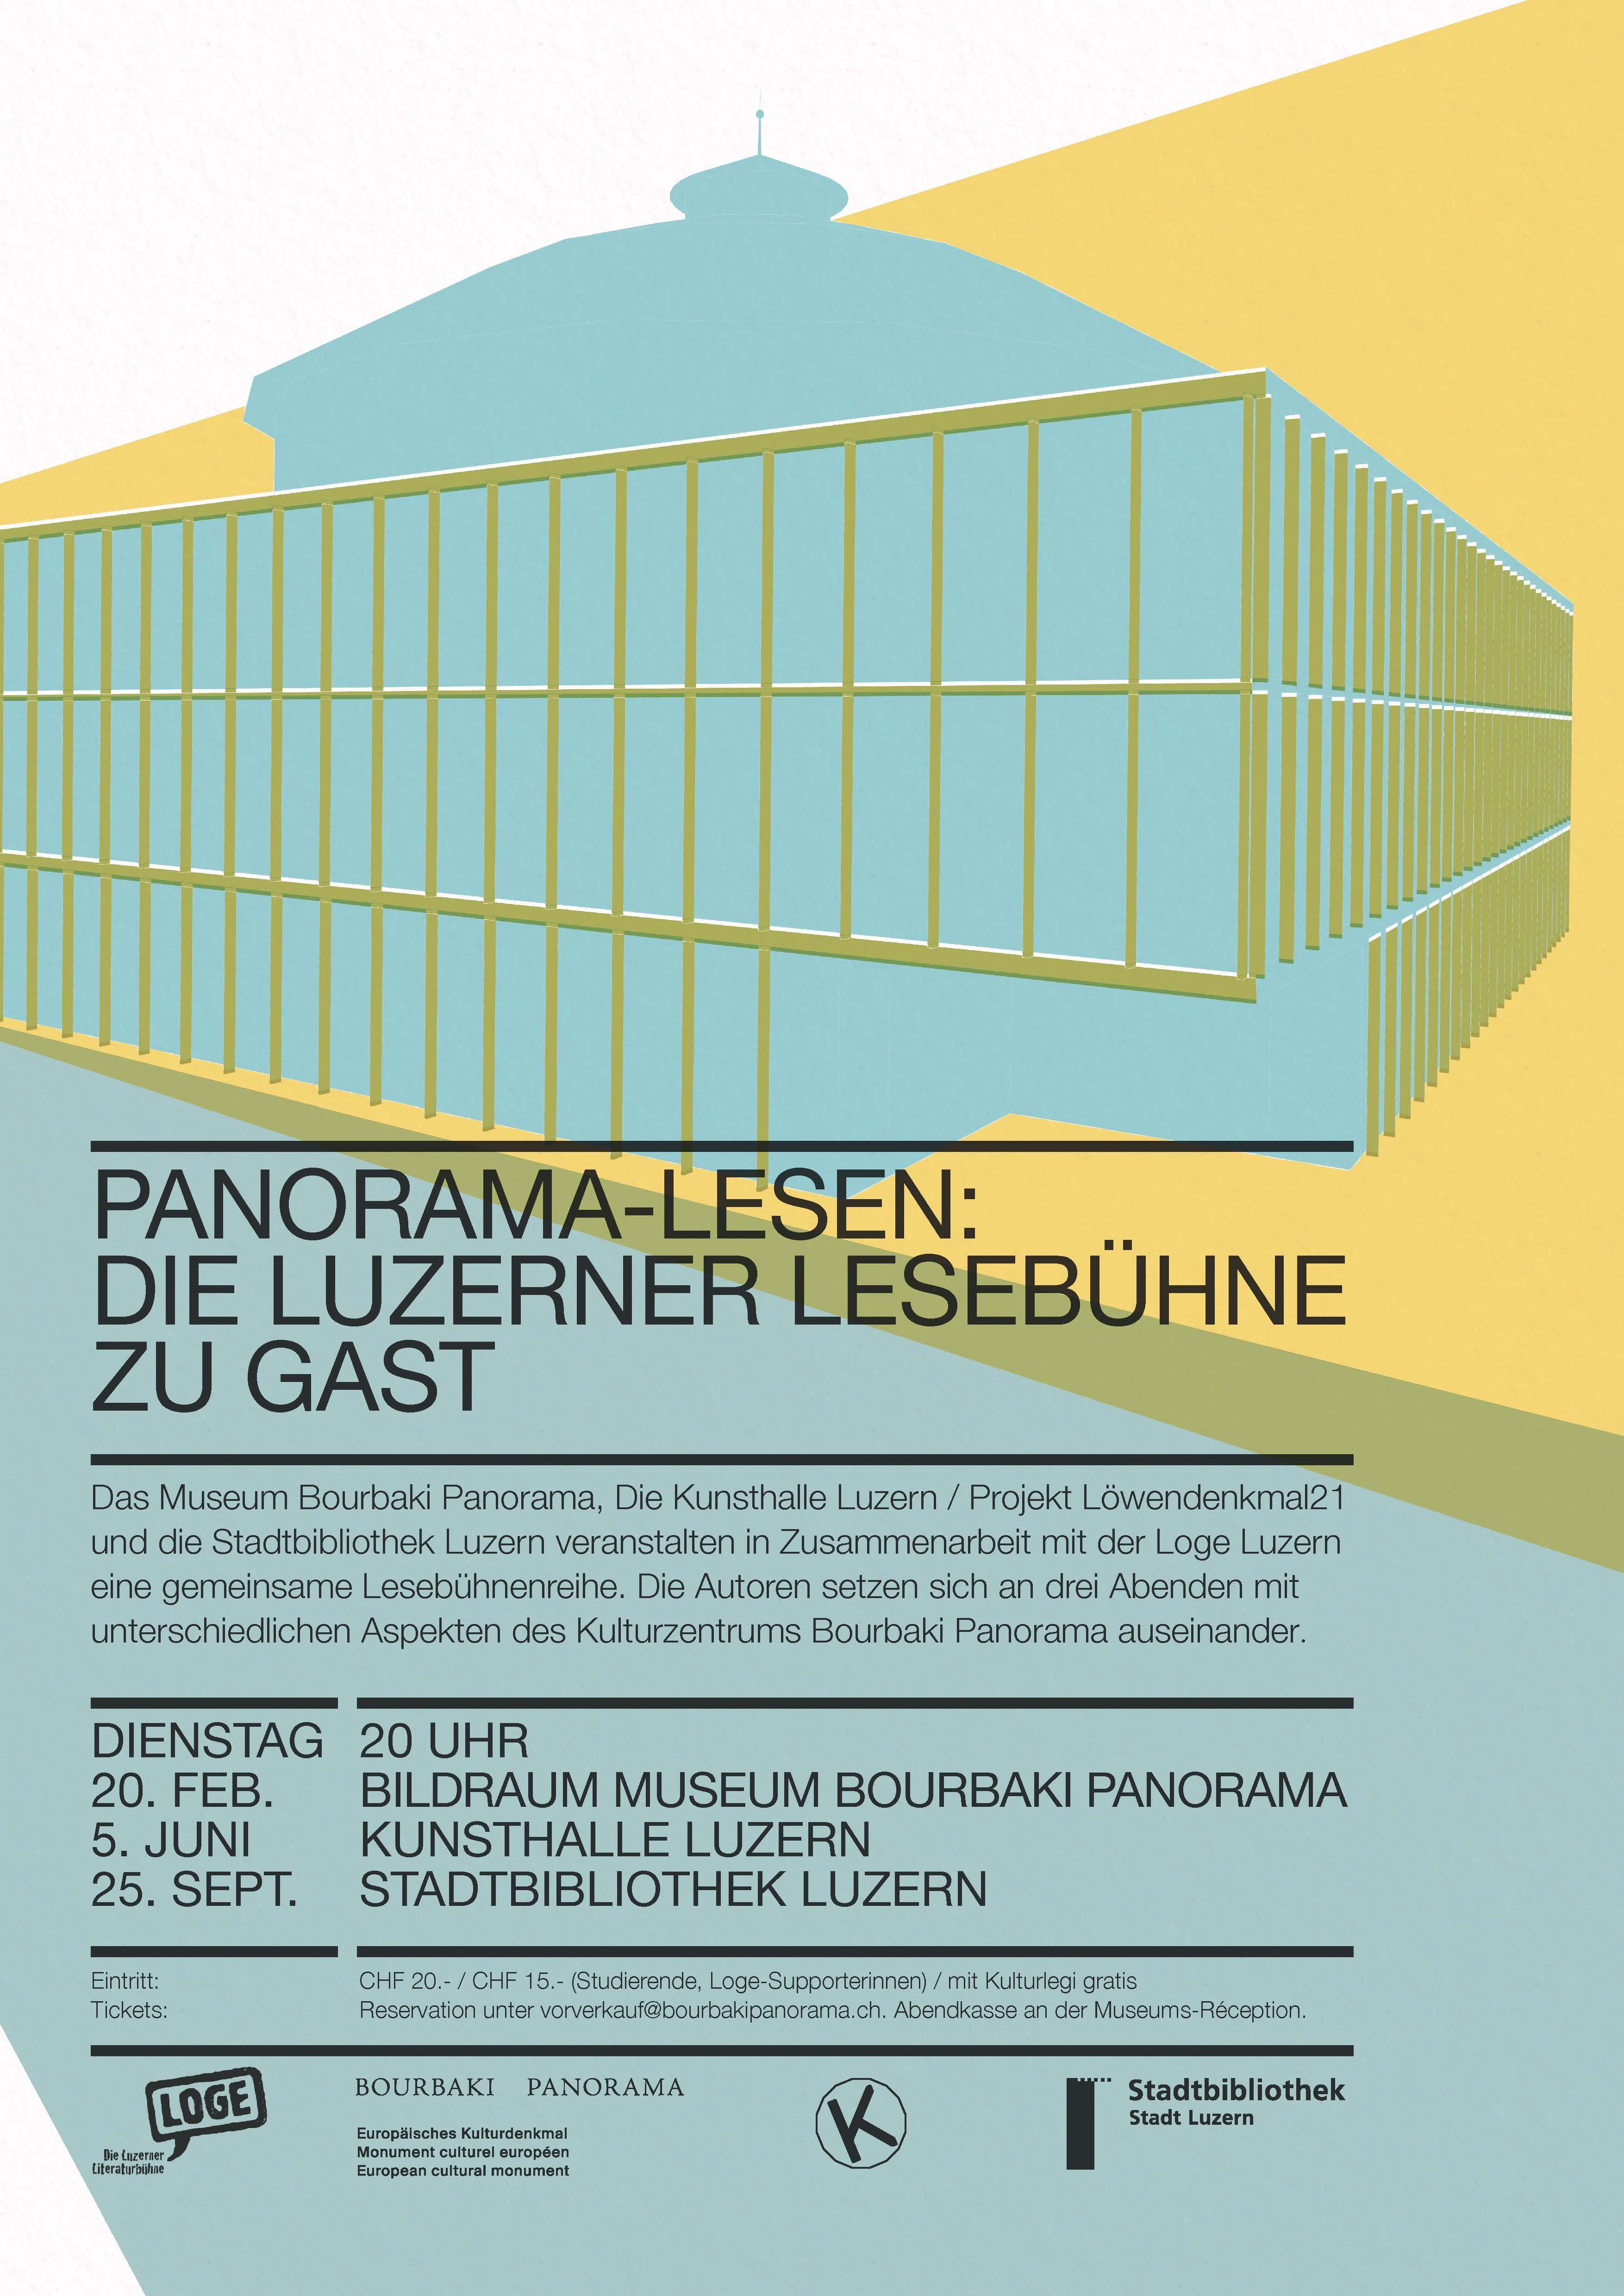 Panorama-Lesen: Die Luzerner Lesebühne zu Gast